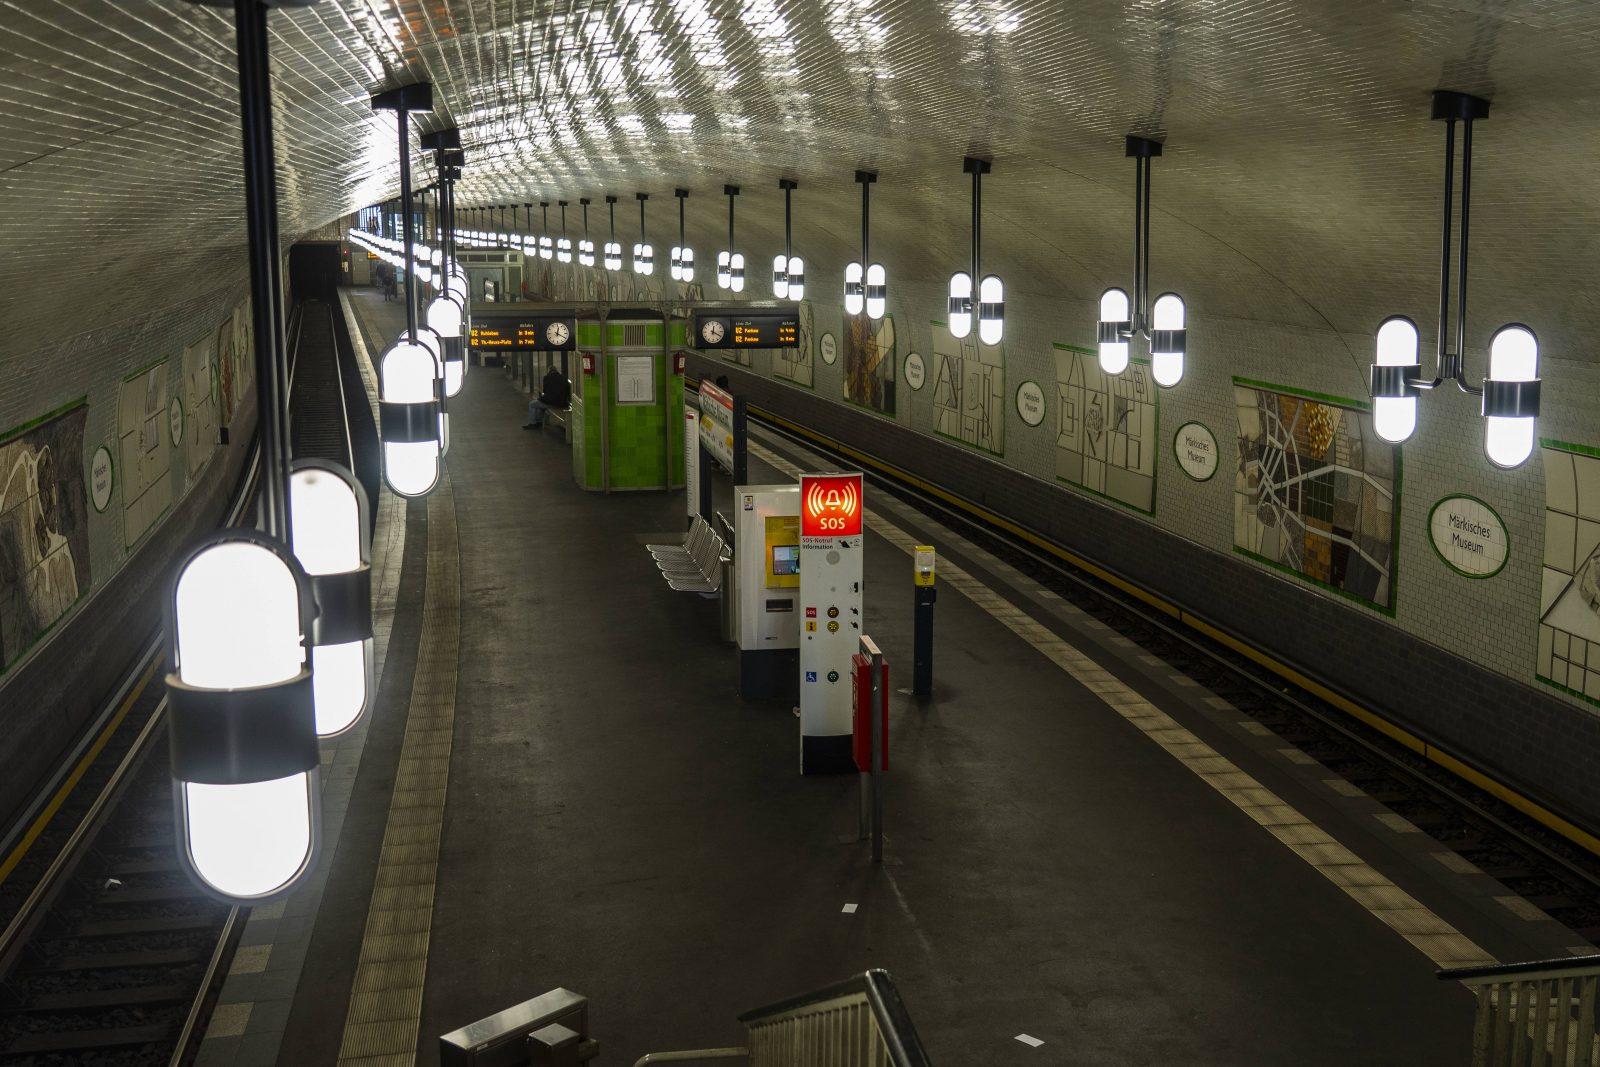 Ebenfalls von Grenander gestaltet wurde die Station Märkisches Museum.